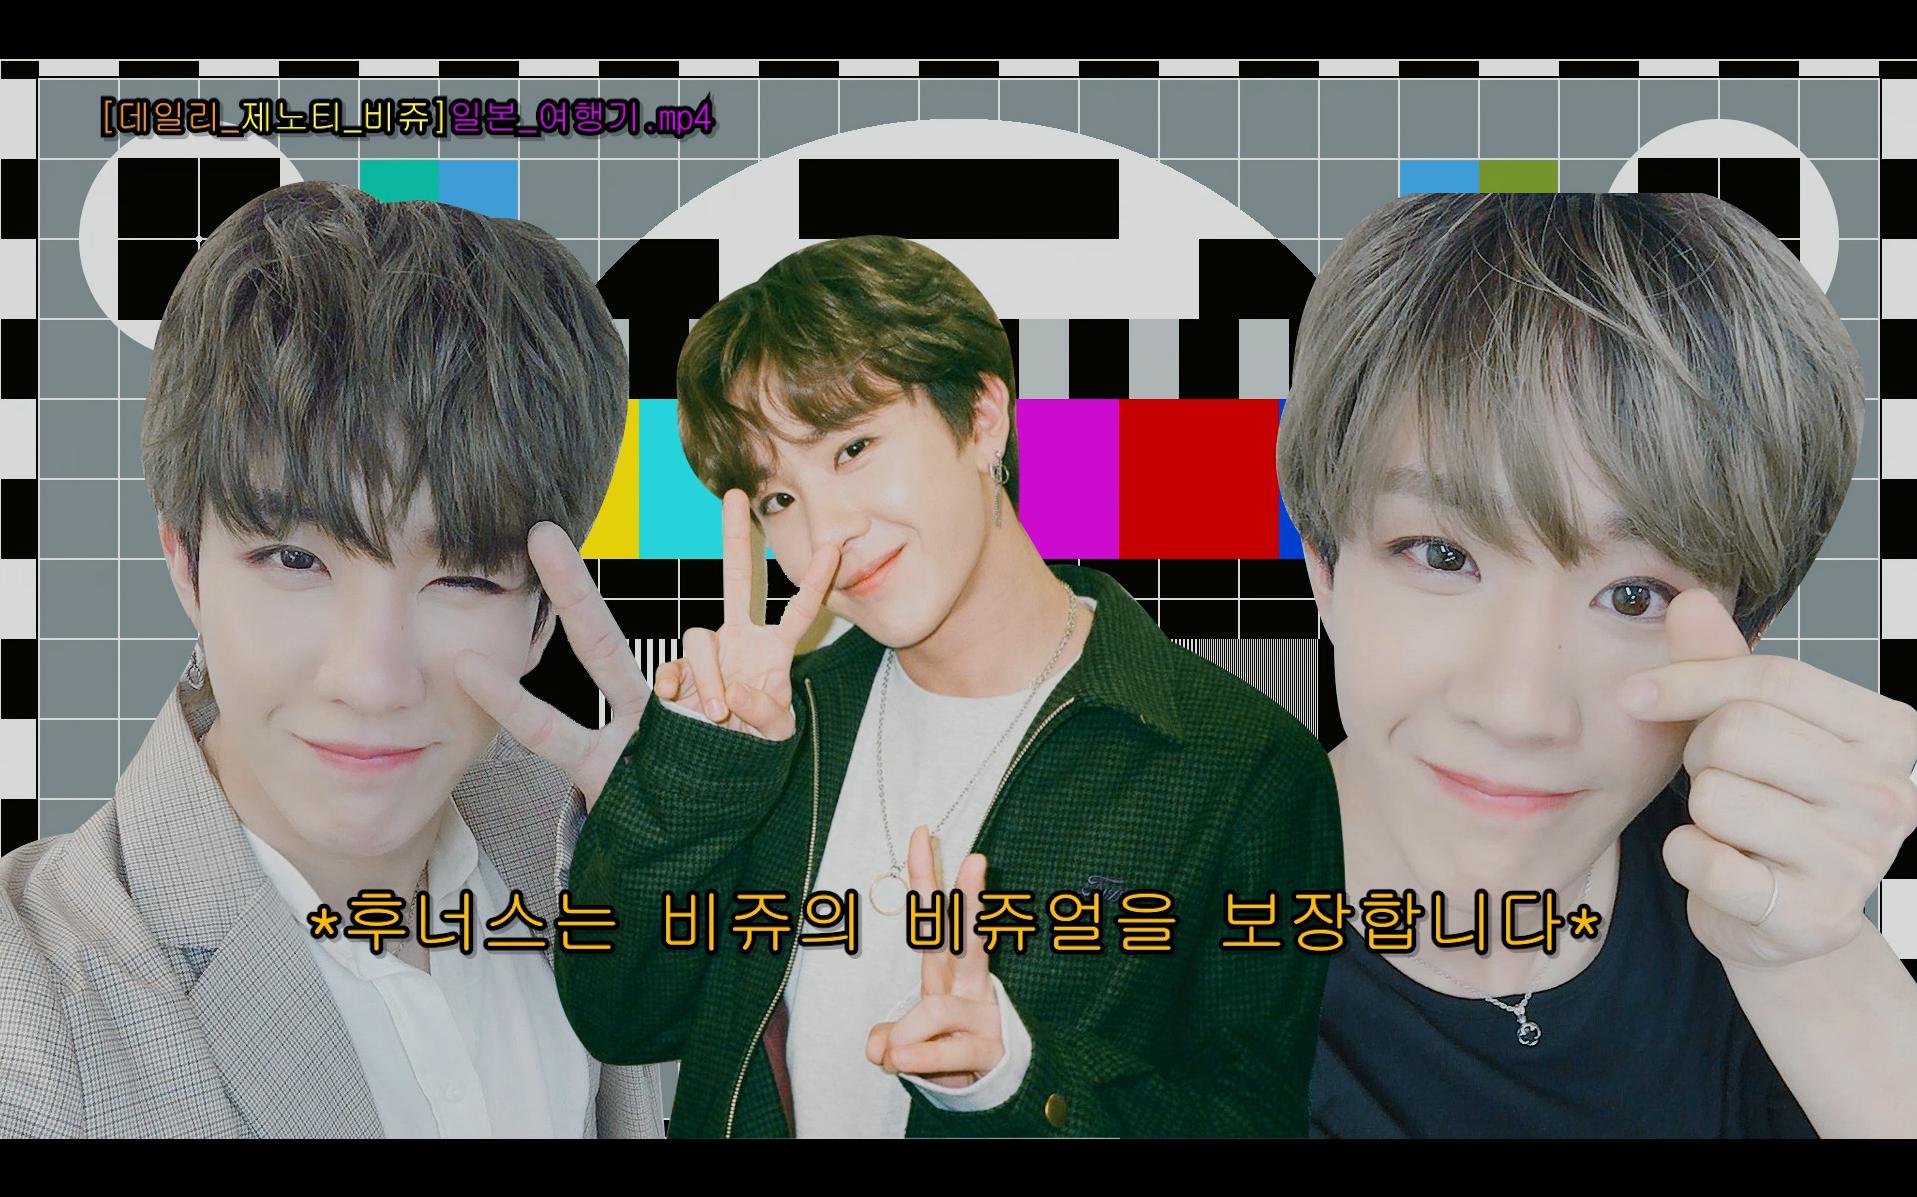 [XENO-T] Daily XENO-T <비쥬편>